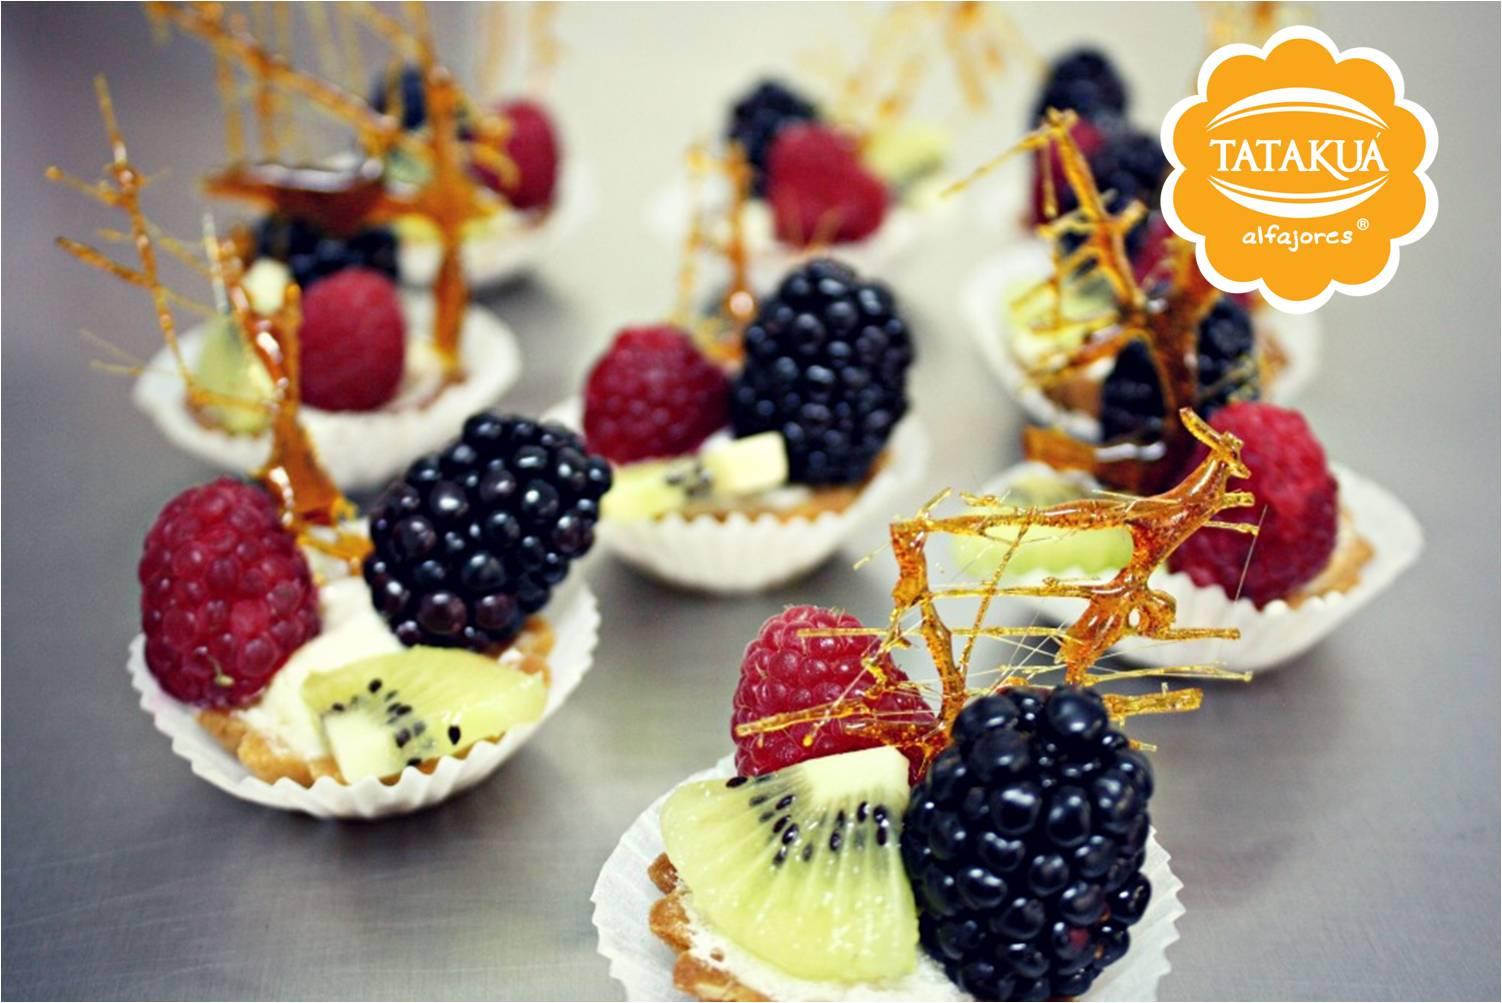 Mesa de postres table desserts tataku alfajores - Ideas para postres de navidad ...